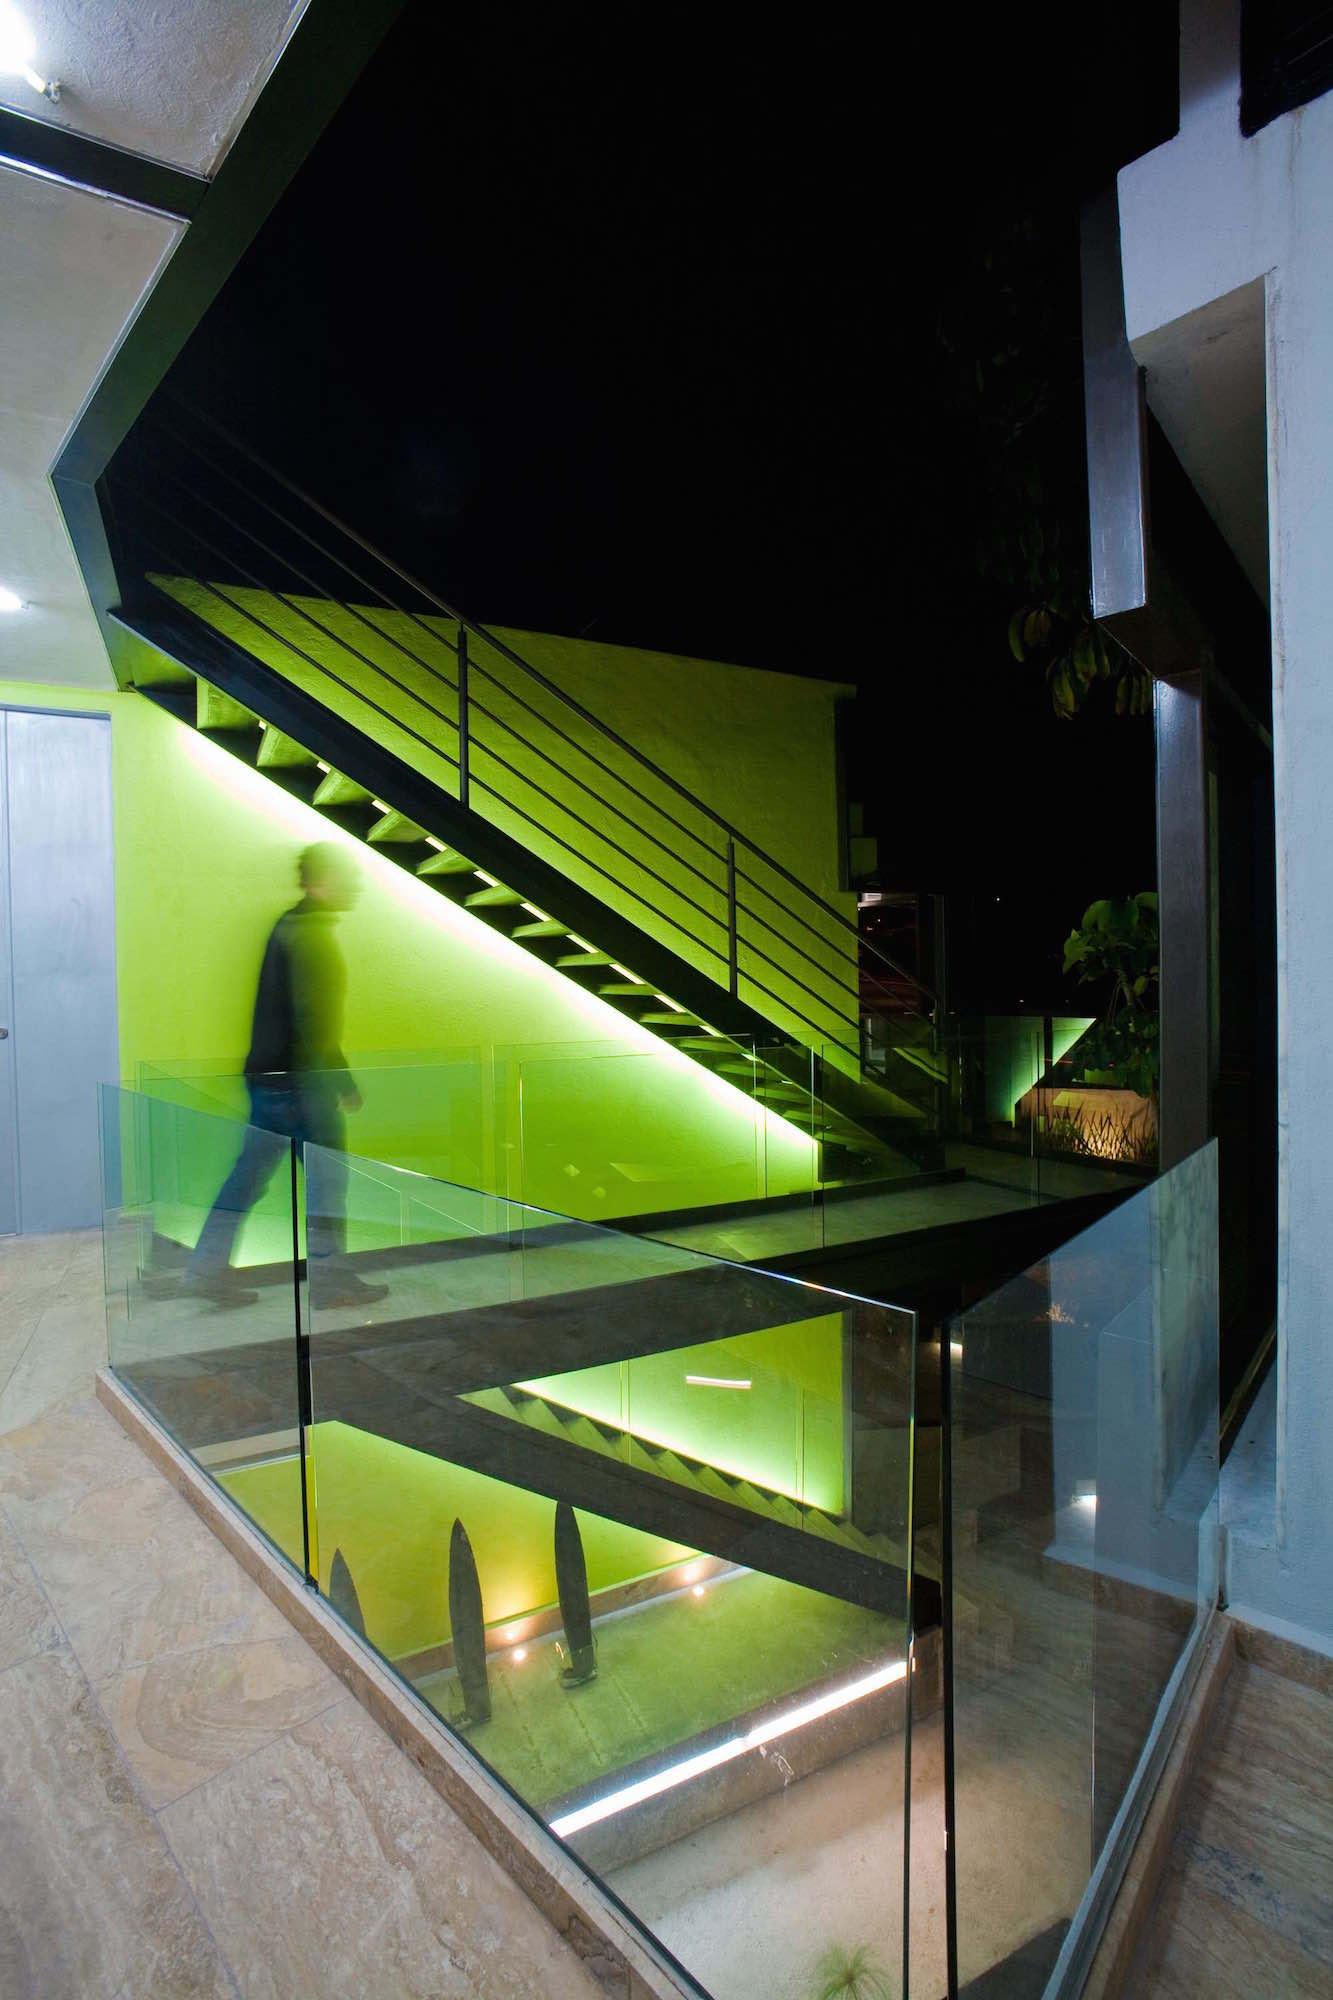 51a8da47b3fc4b10be000437_trevox-223-craft-arquitectos_09